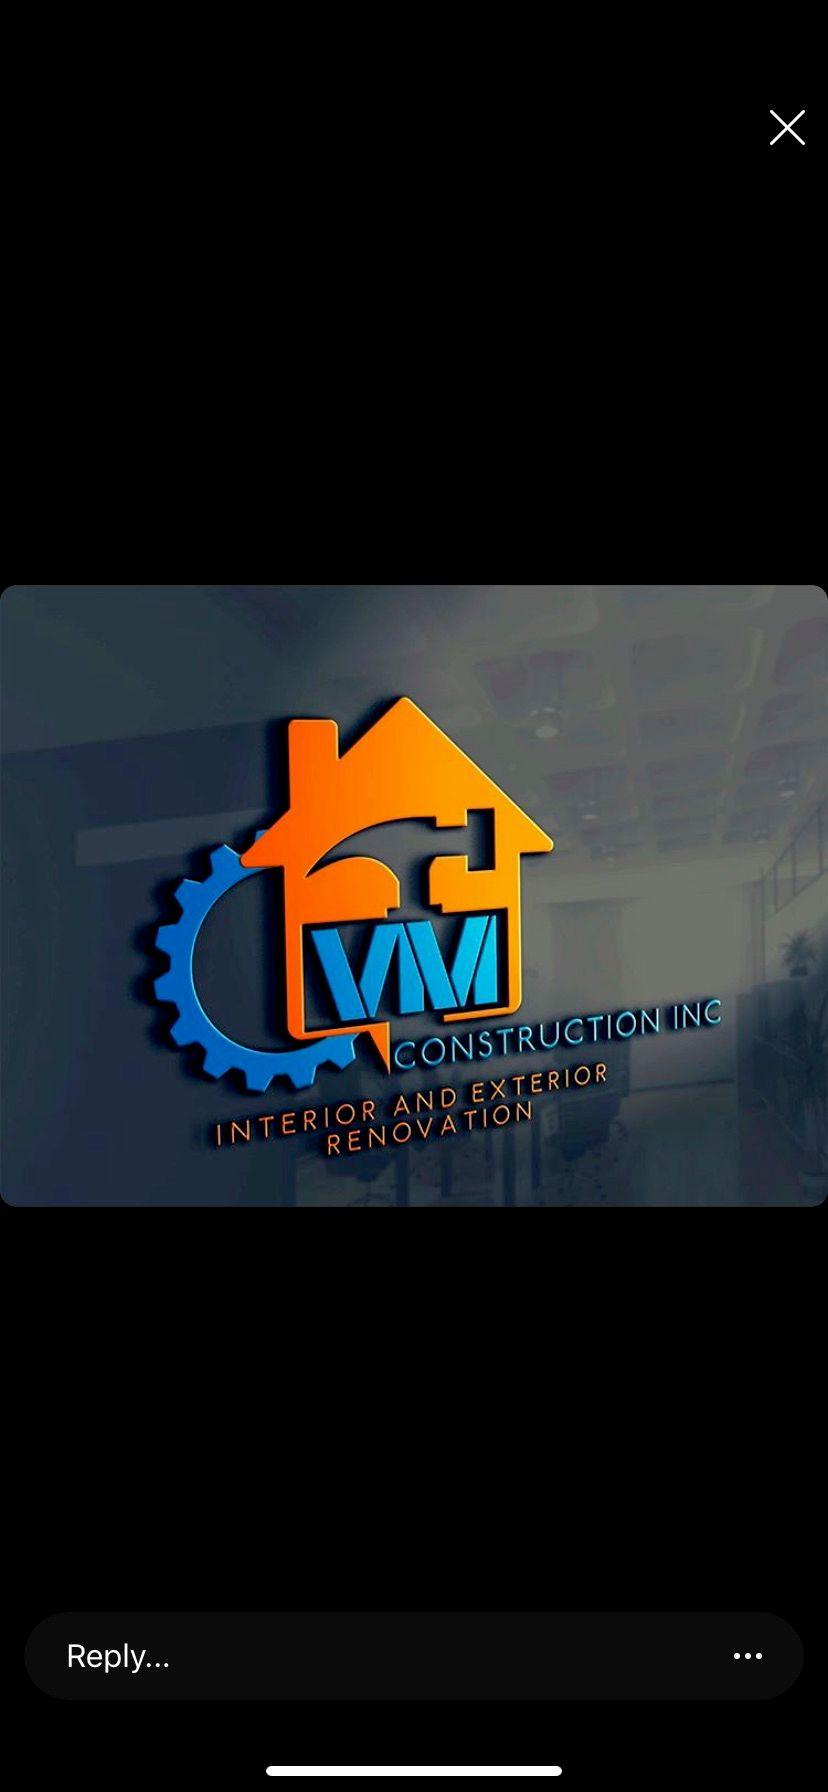 VM Construction Inc